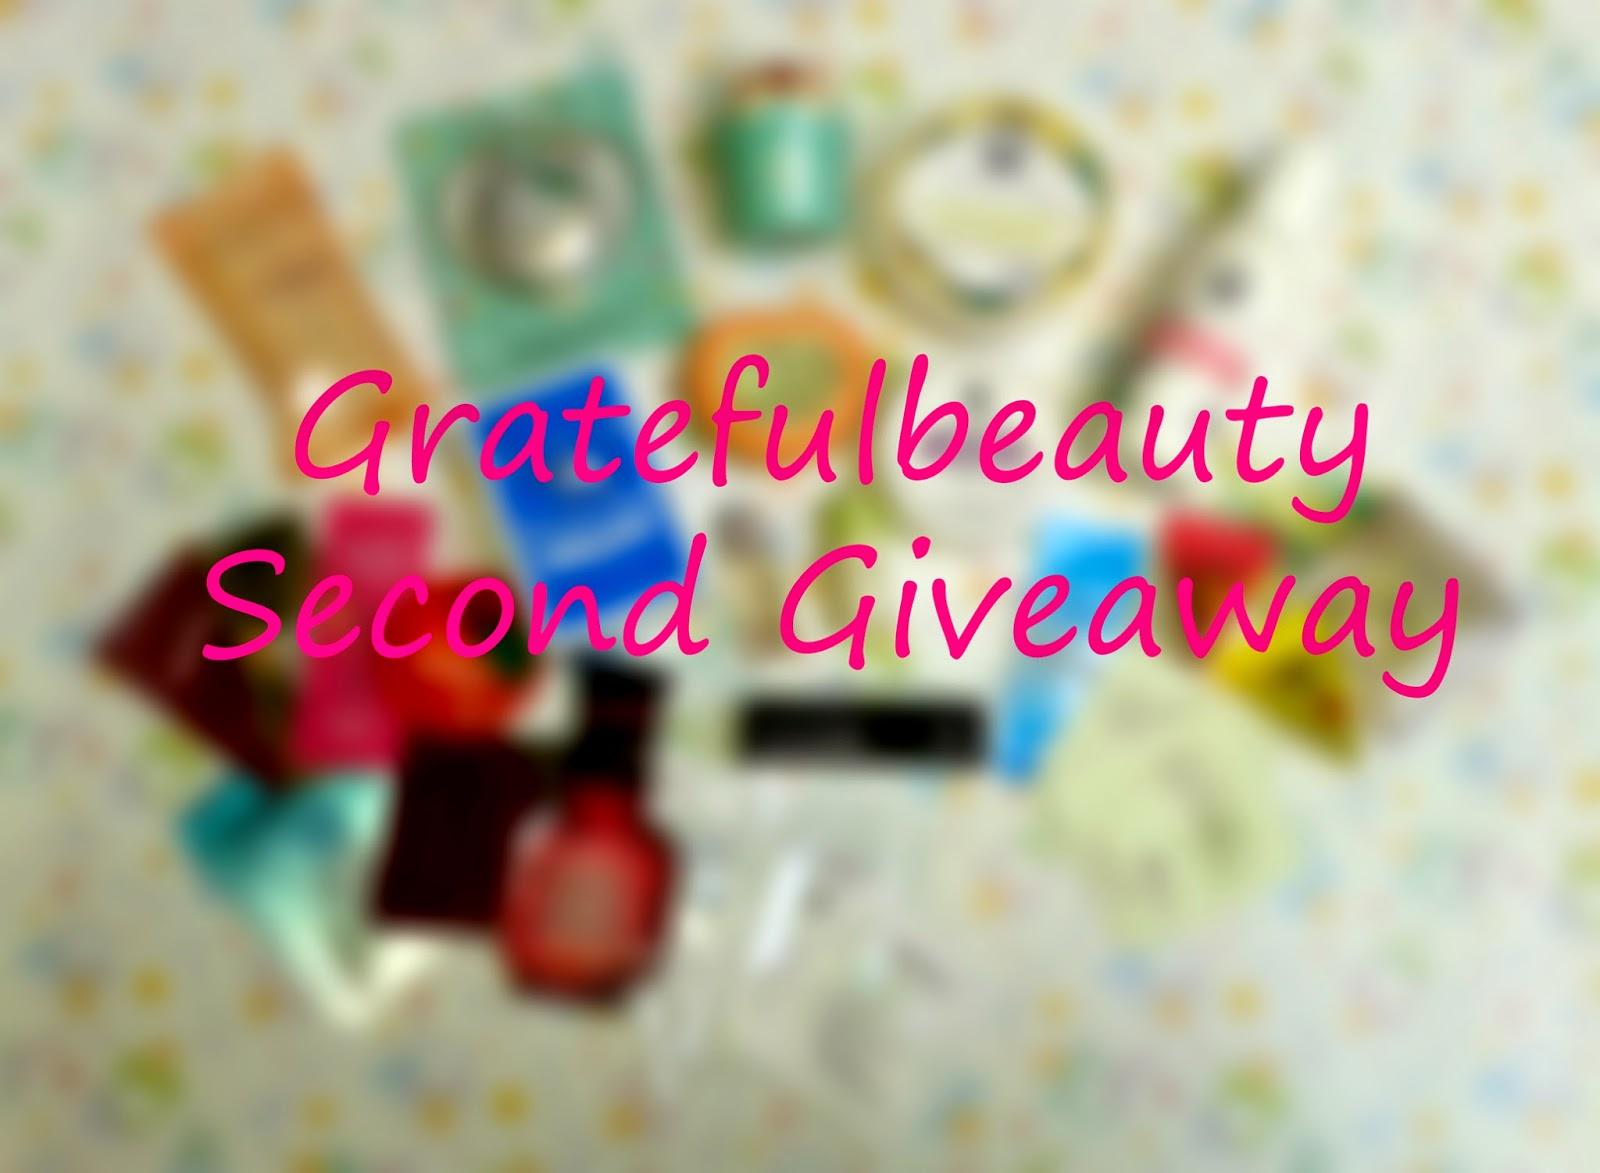 http://gratefulbeauty.blogspot.com/2014/05/gratefulbeauty-second-giveaway-3.html